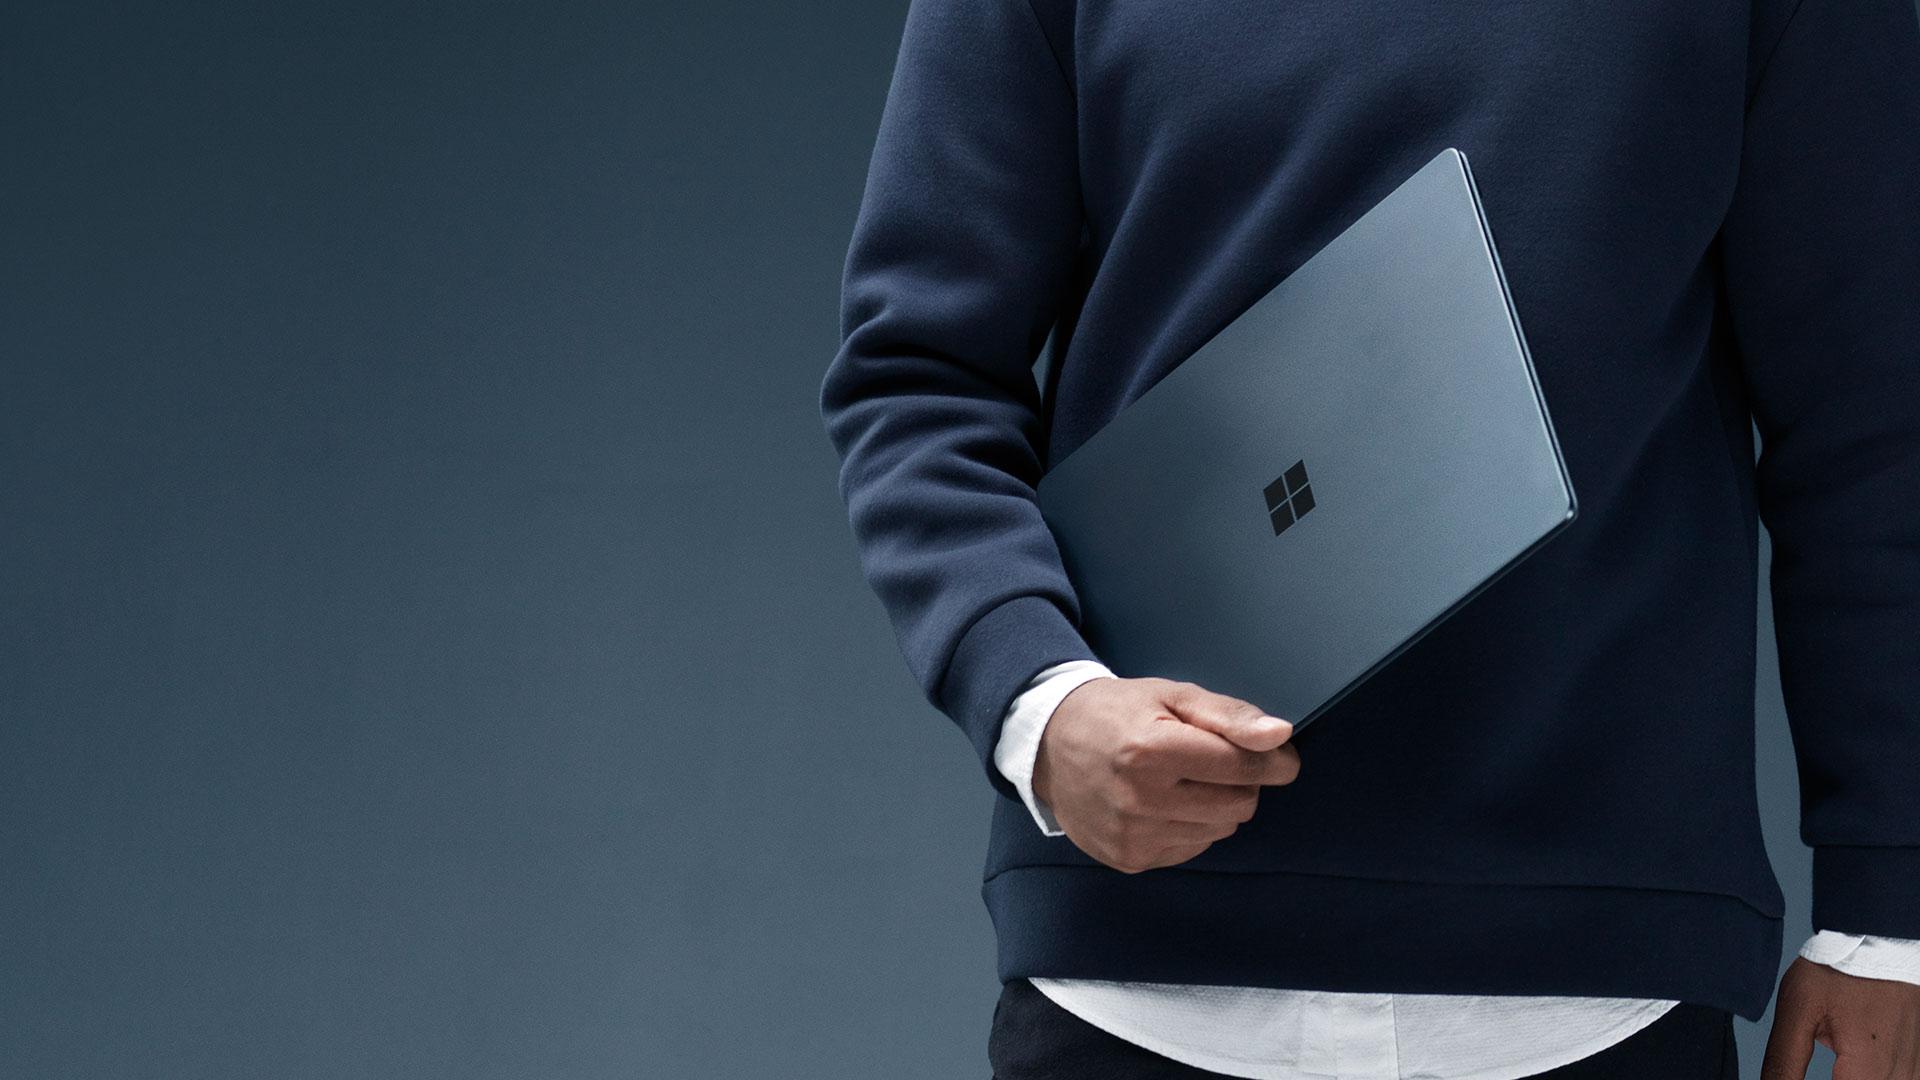 Homme tenant le Surface Laptop bleu cobalt.